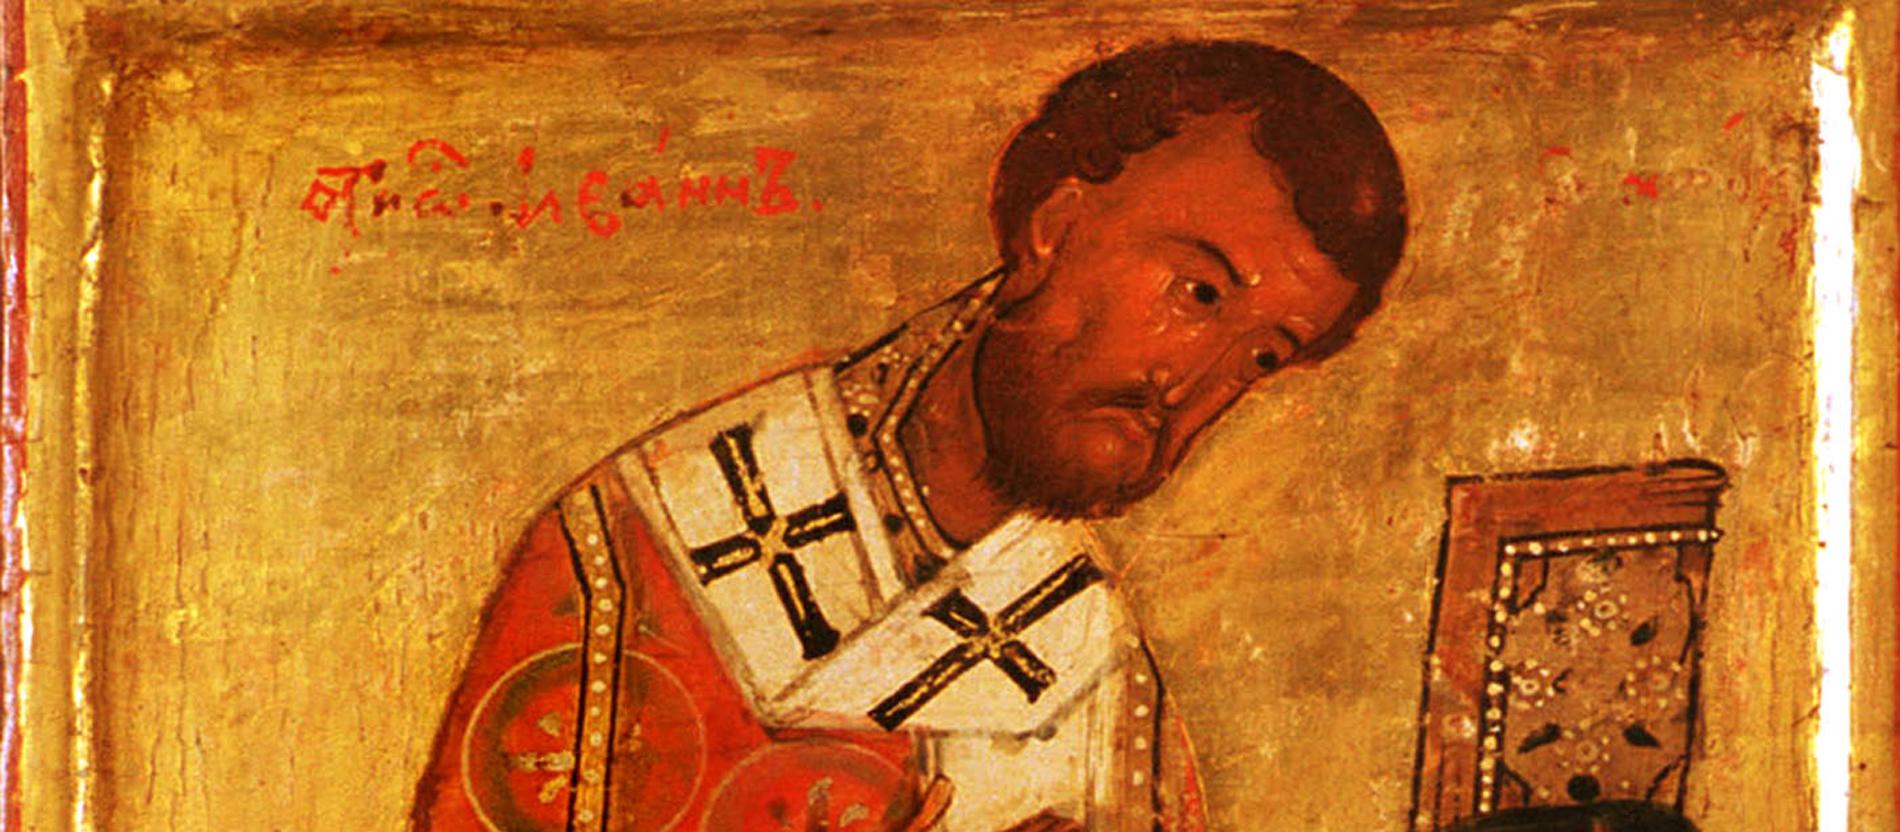 Johannes Chrysosthomus